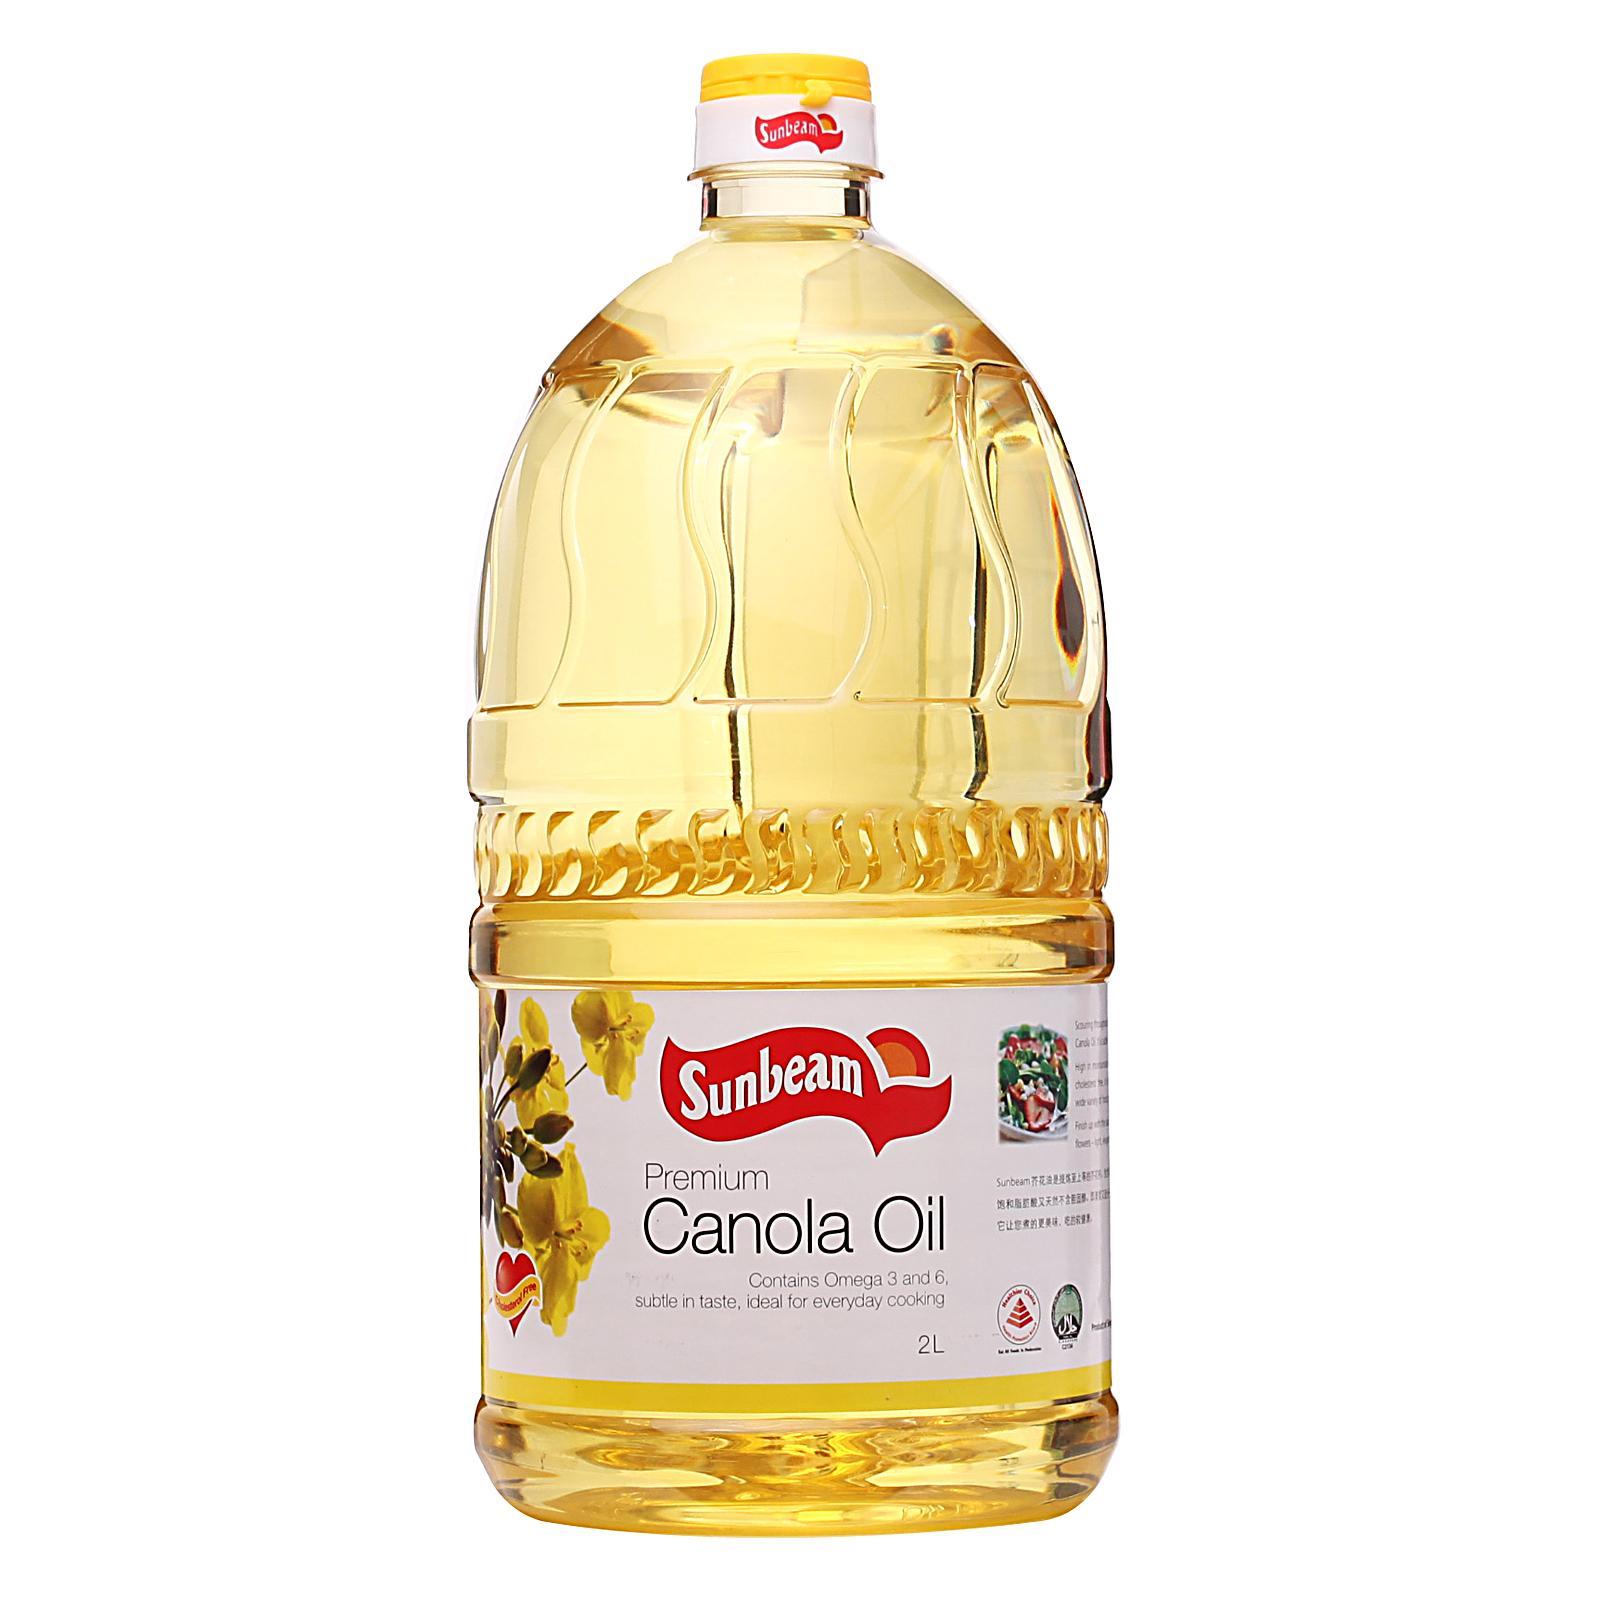 Sunbeam Premium Canola Oil